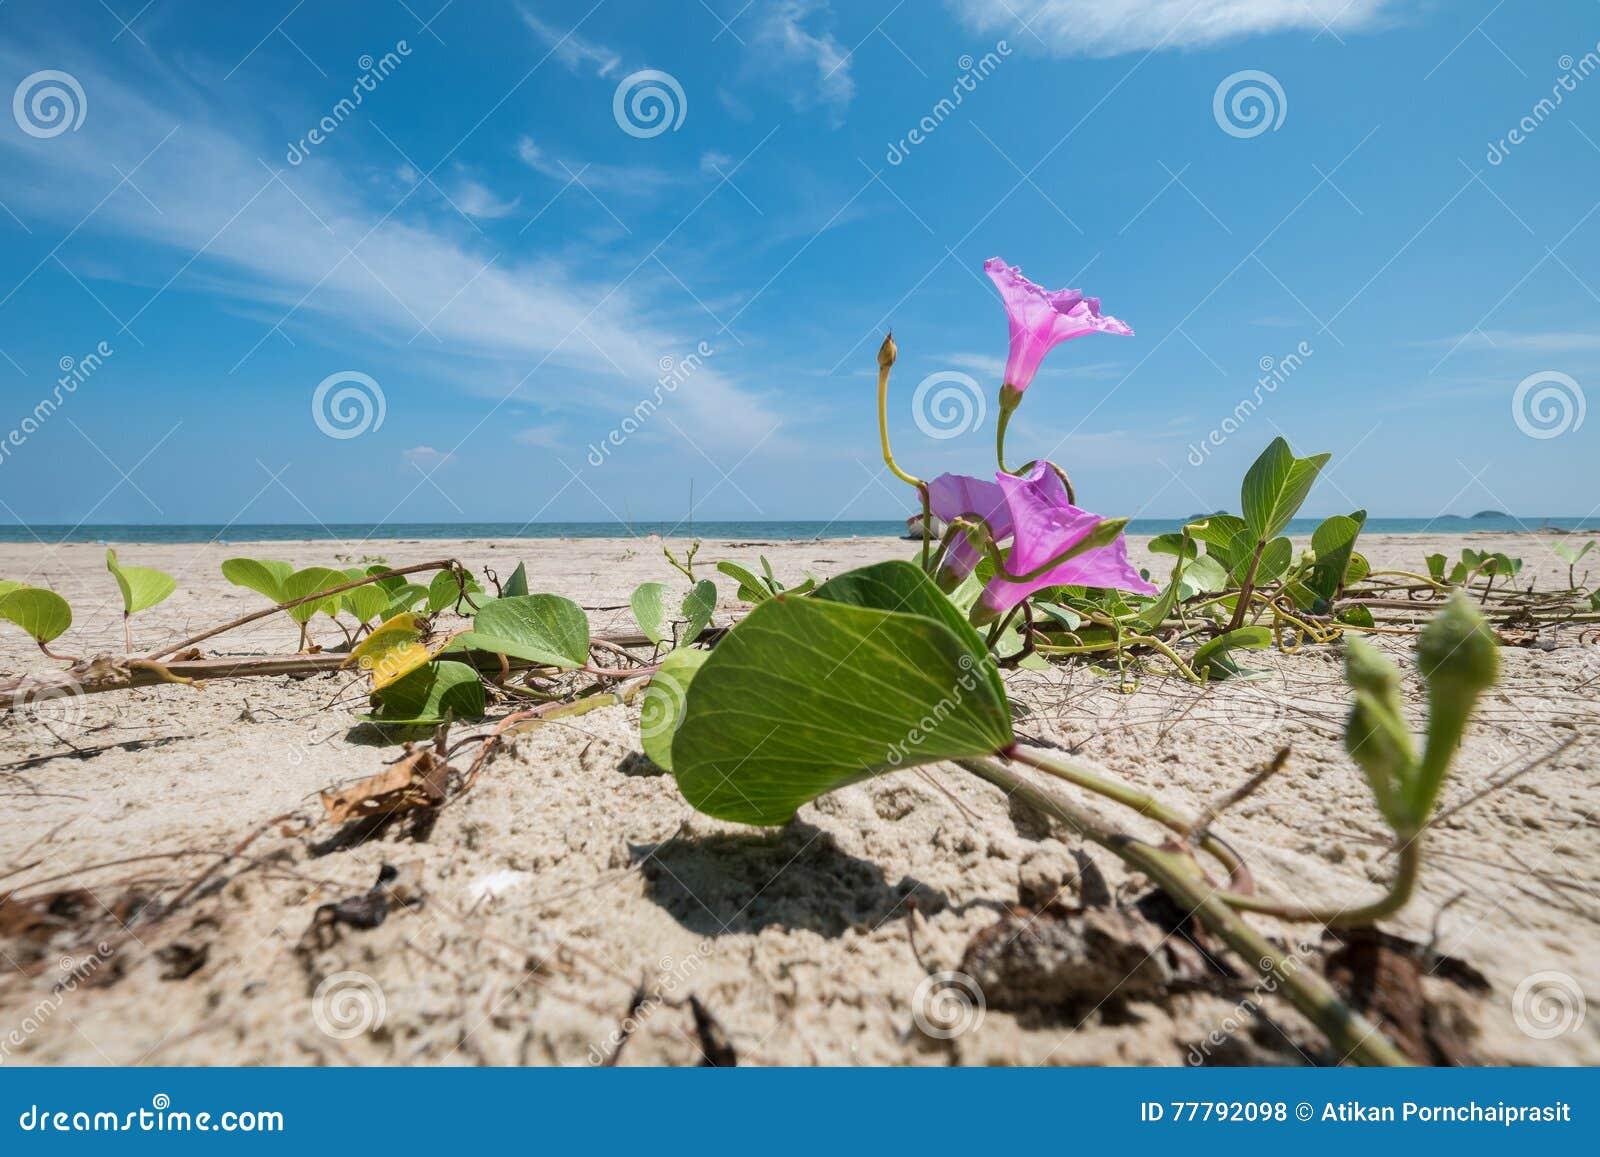 L élève de mail fleurit sur une plage avec la mer